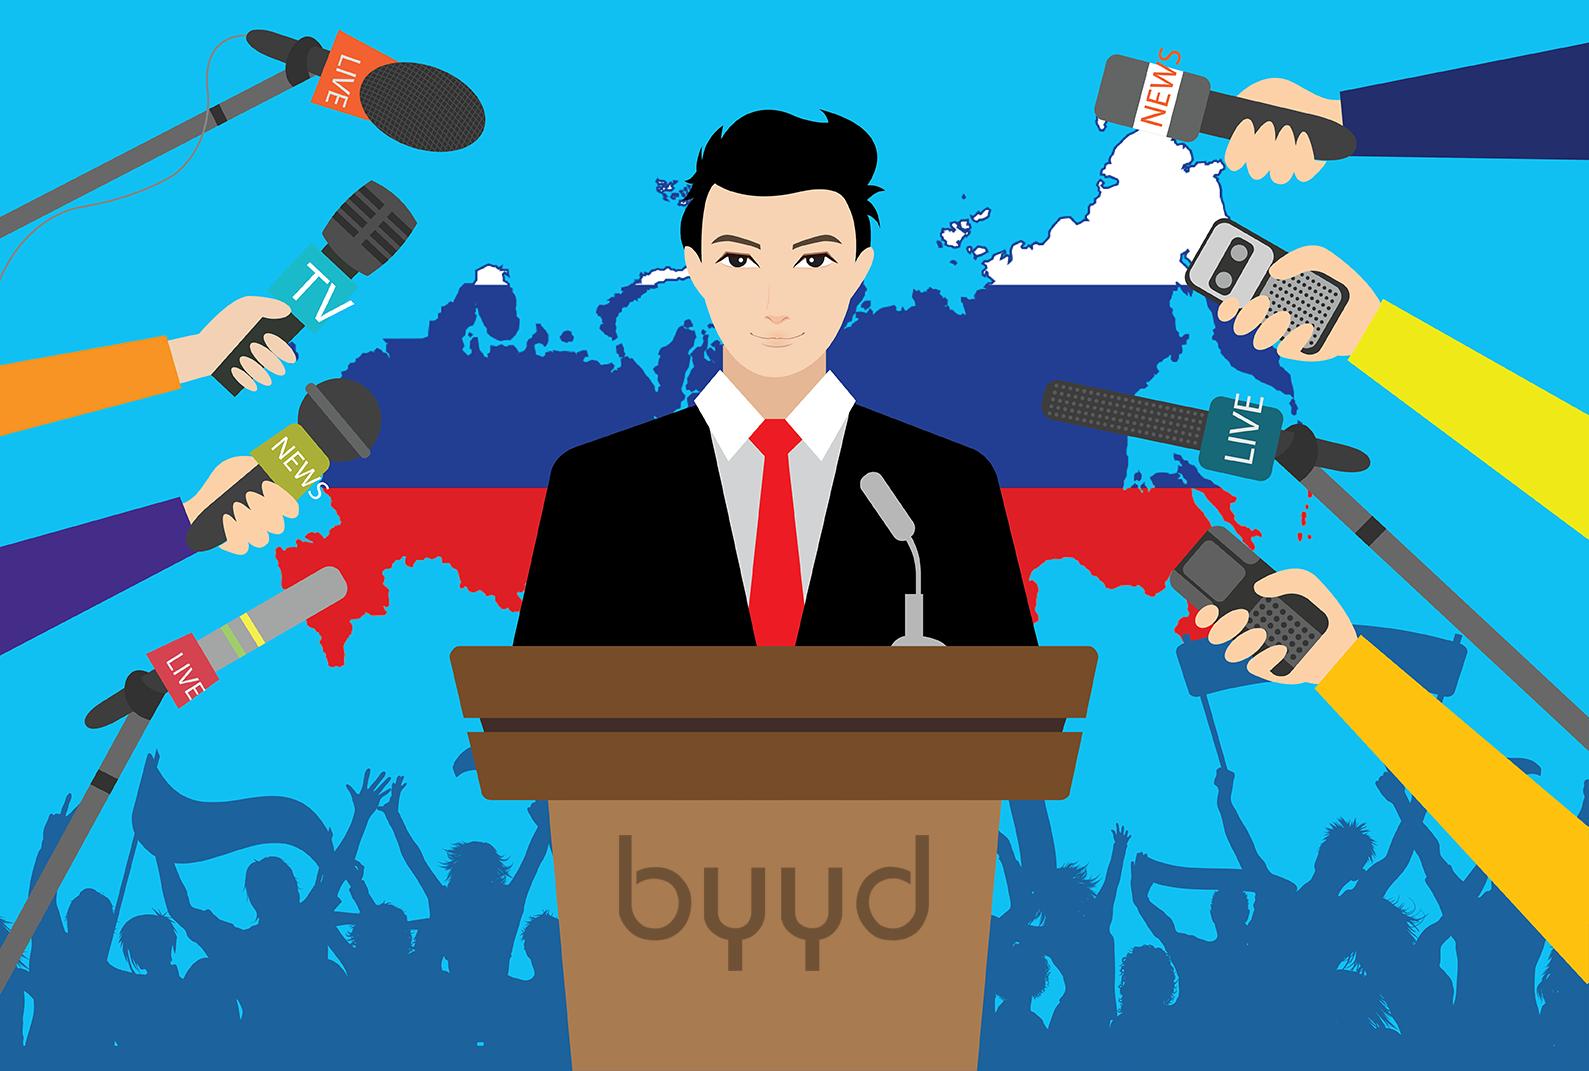 В 2016 г. программатик выйдет на политическую арену - 1